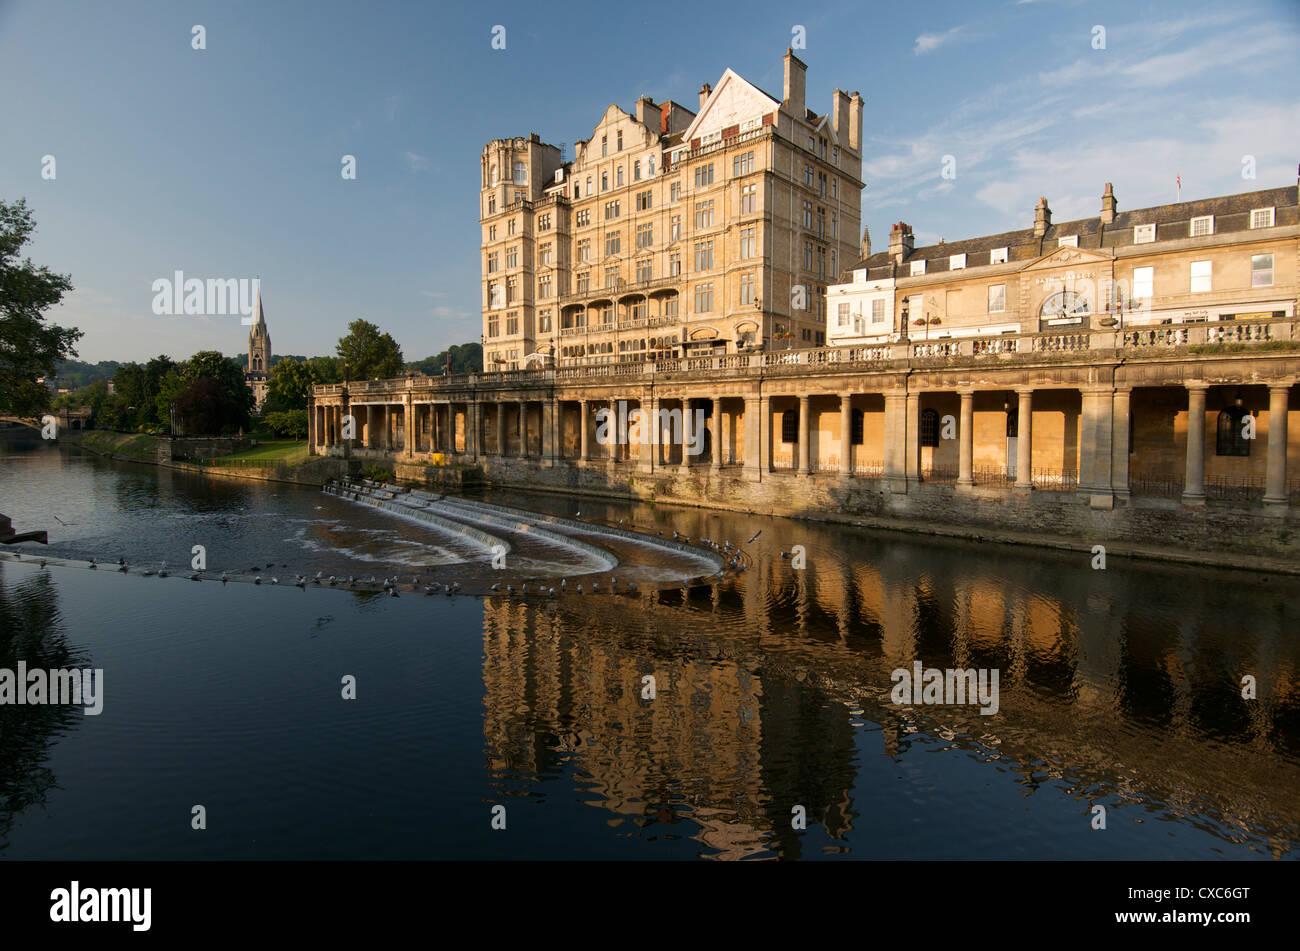 Pulteney Wehr, Bad, UNESCO-Weltkulturerbe, Avon, England, Vereinigtes Königreich, Europa Stockbild